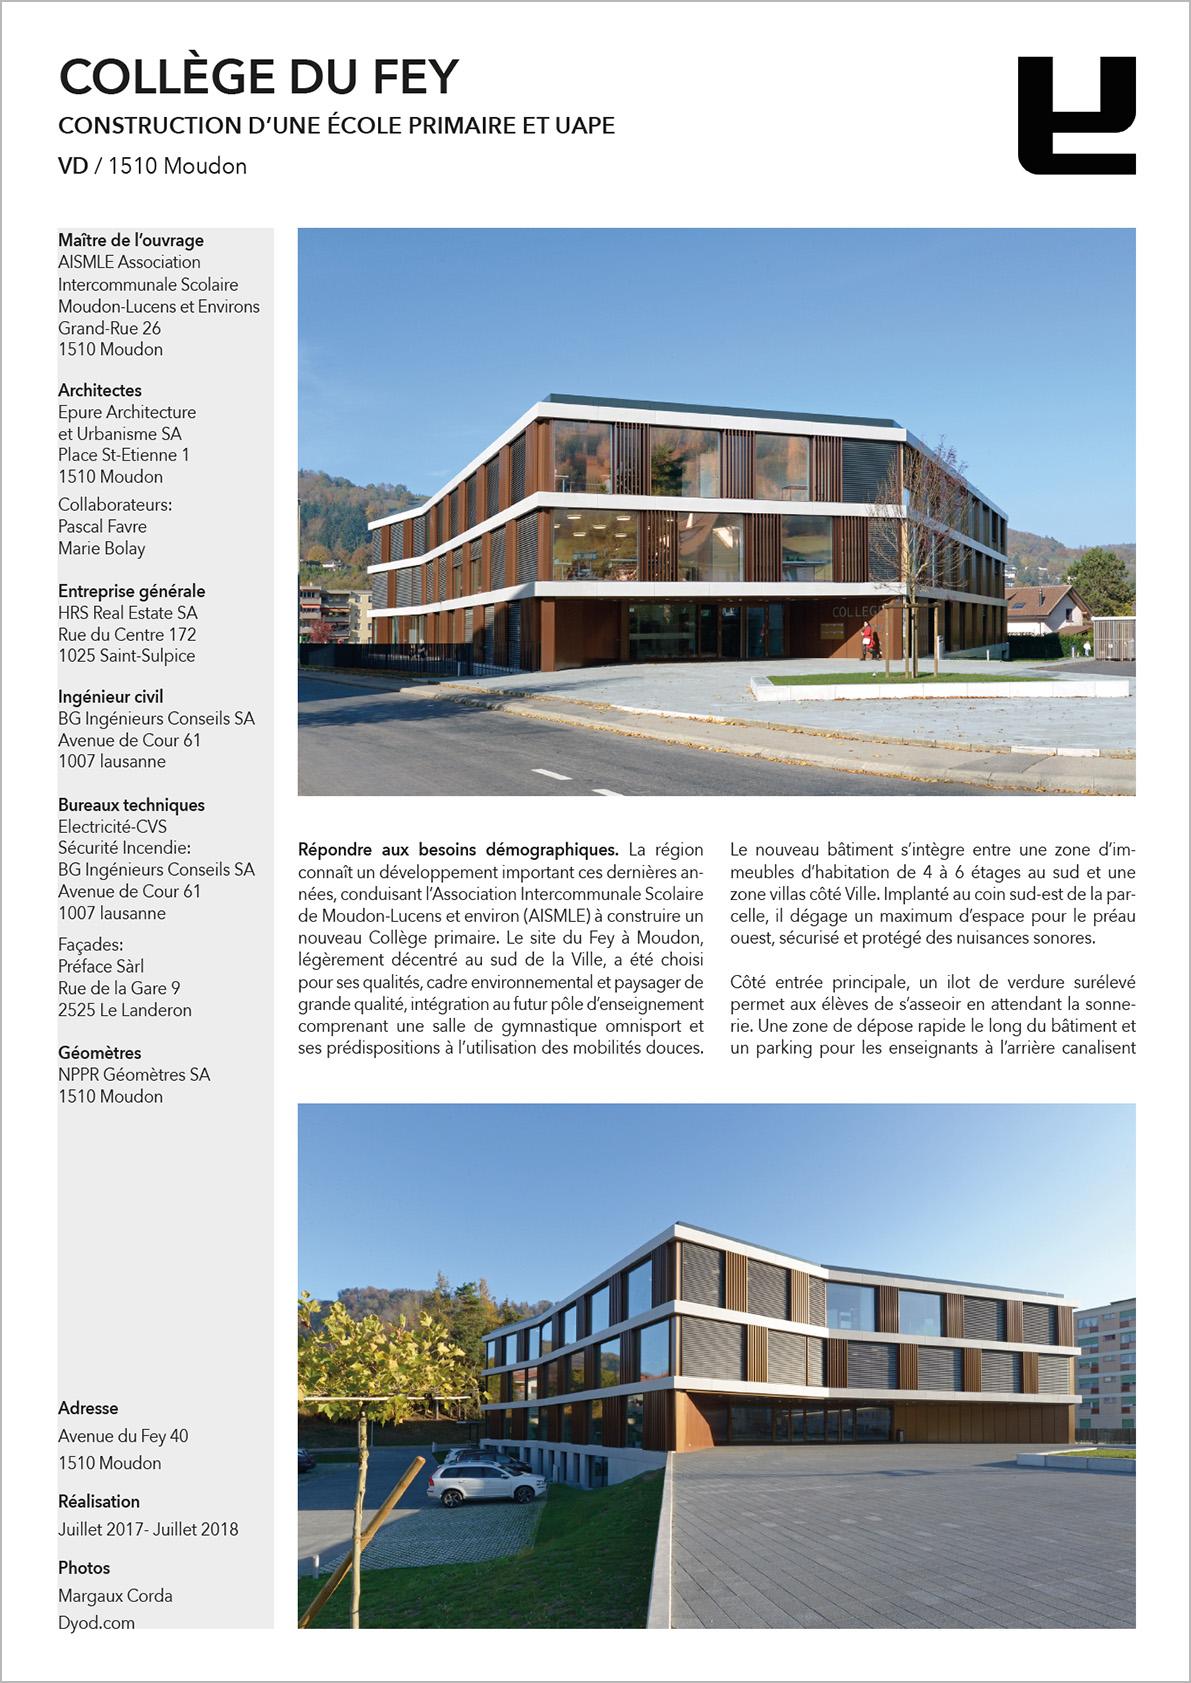 DYOD Collège du Fey Epure Architecture et HRS